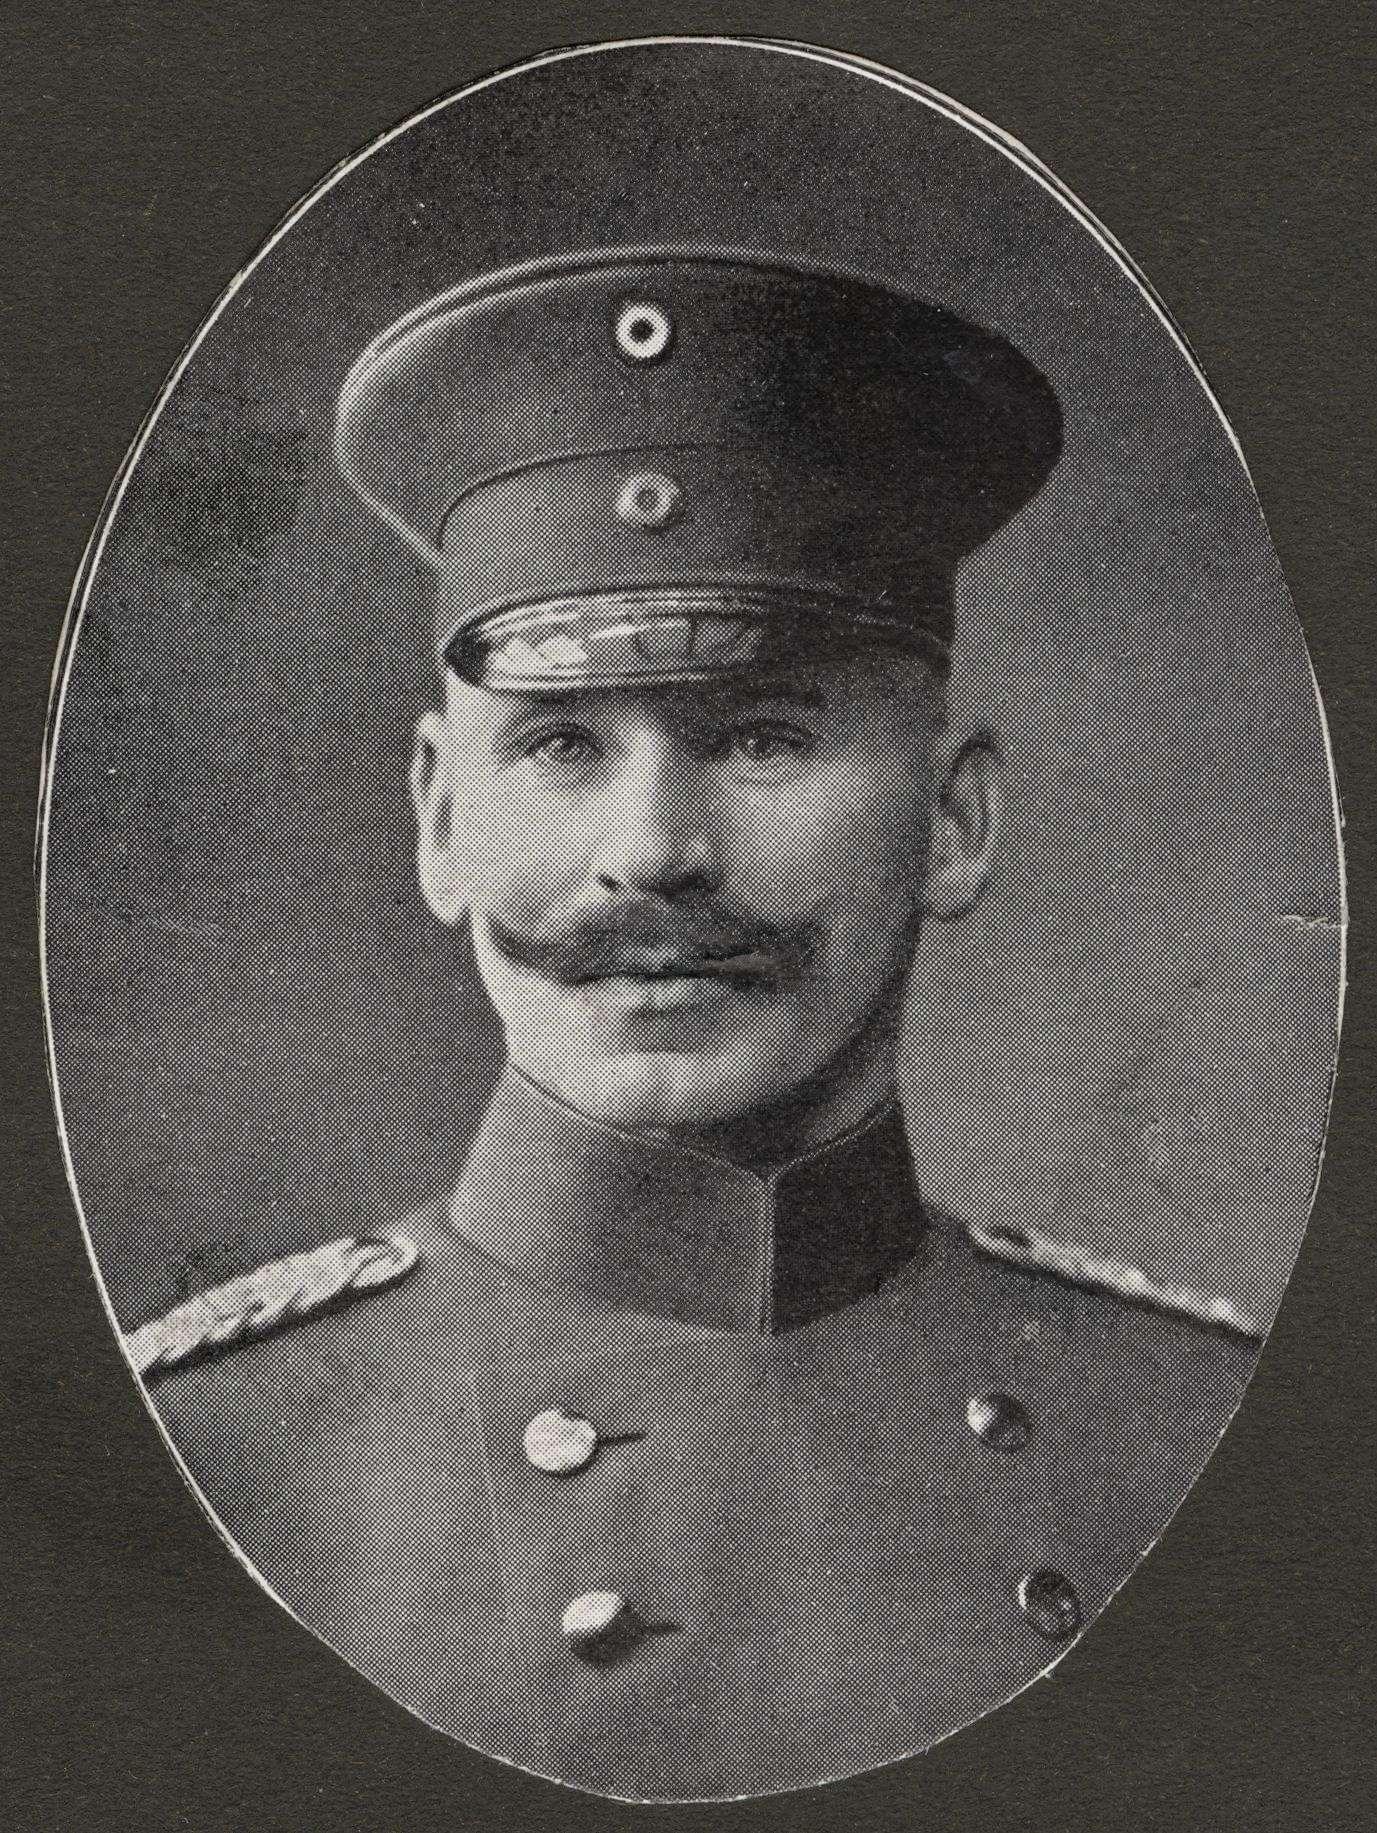 Alberti, Bernhard von, Bild 1